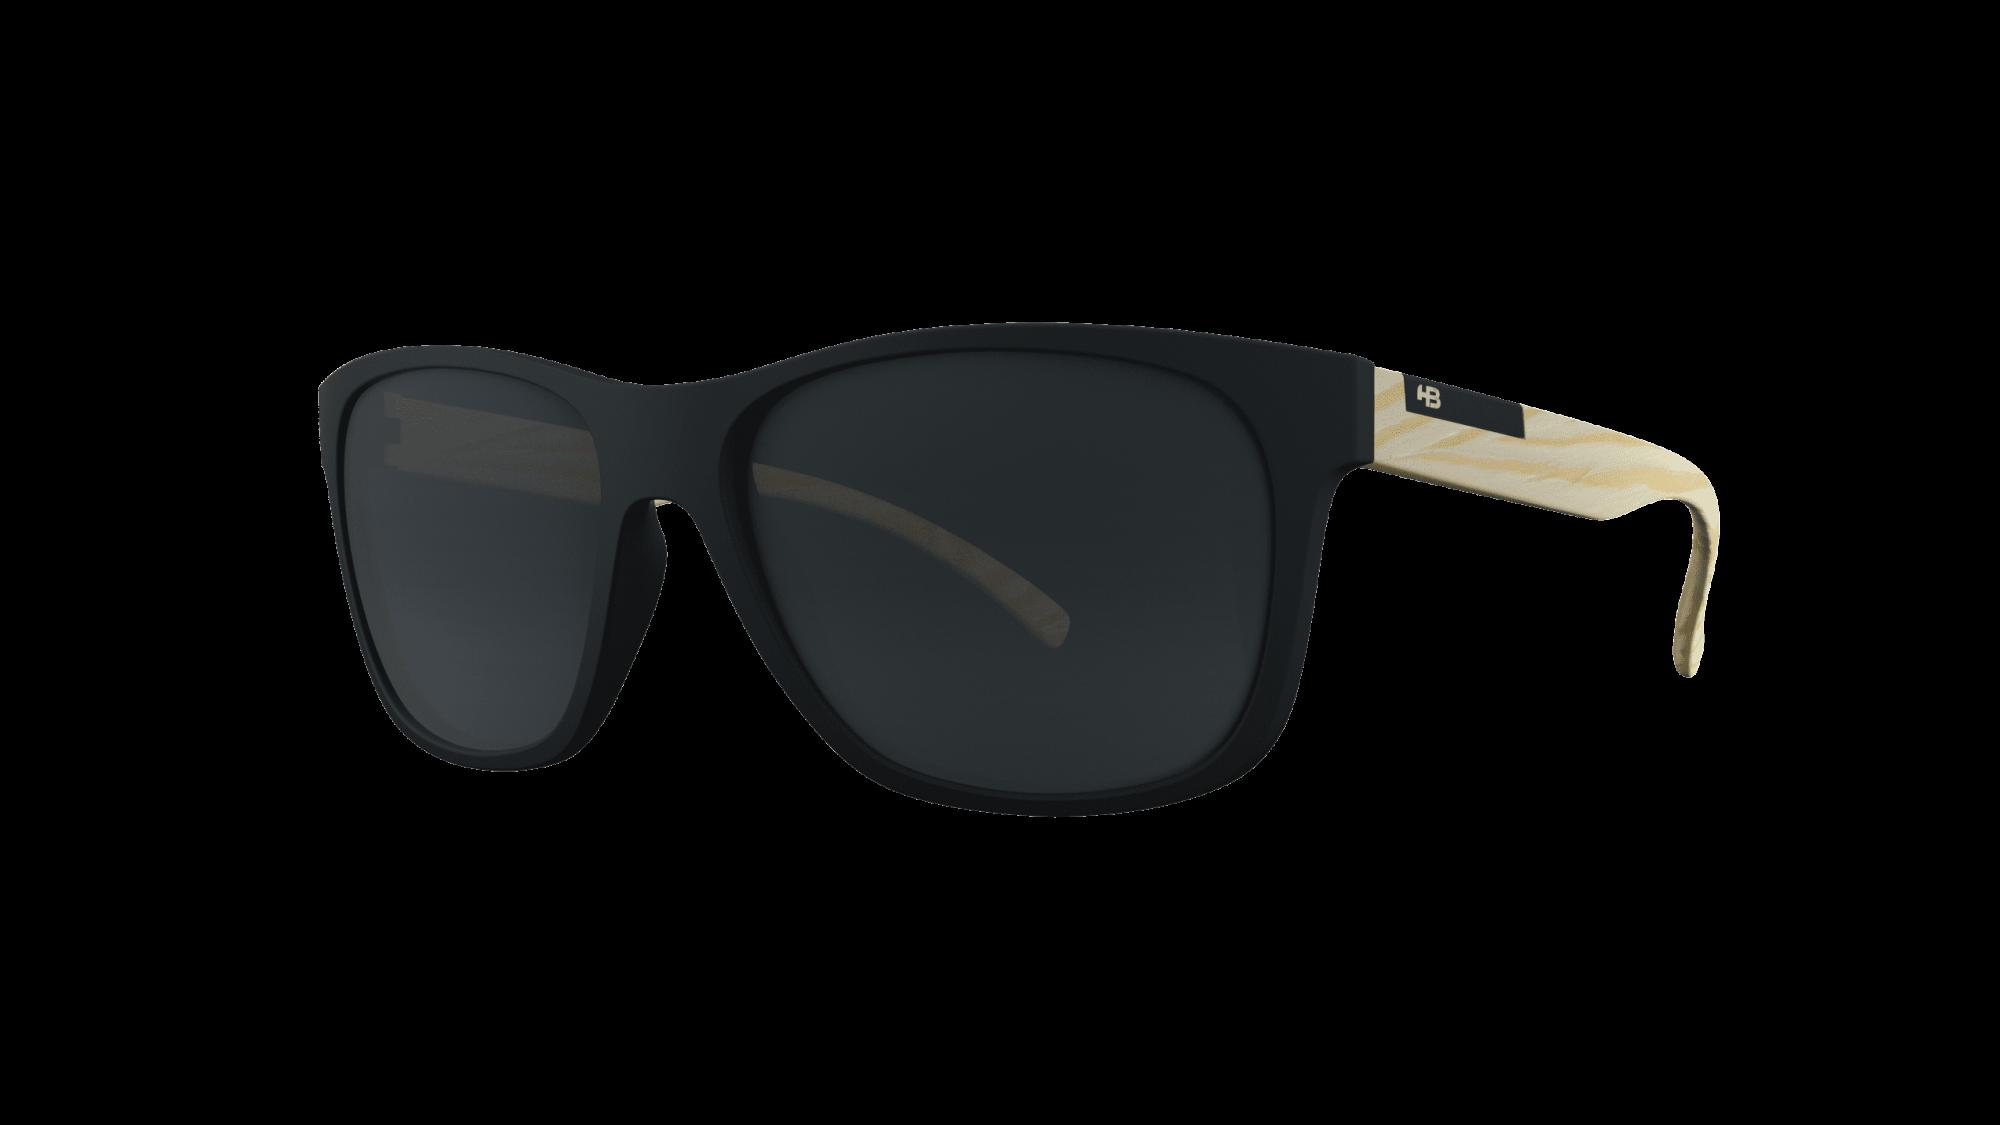 Óculos HB Underground Matte Black Wood Gray